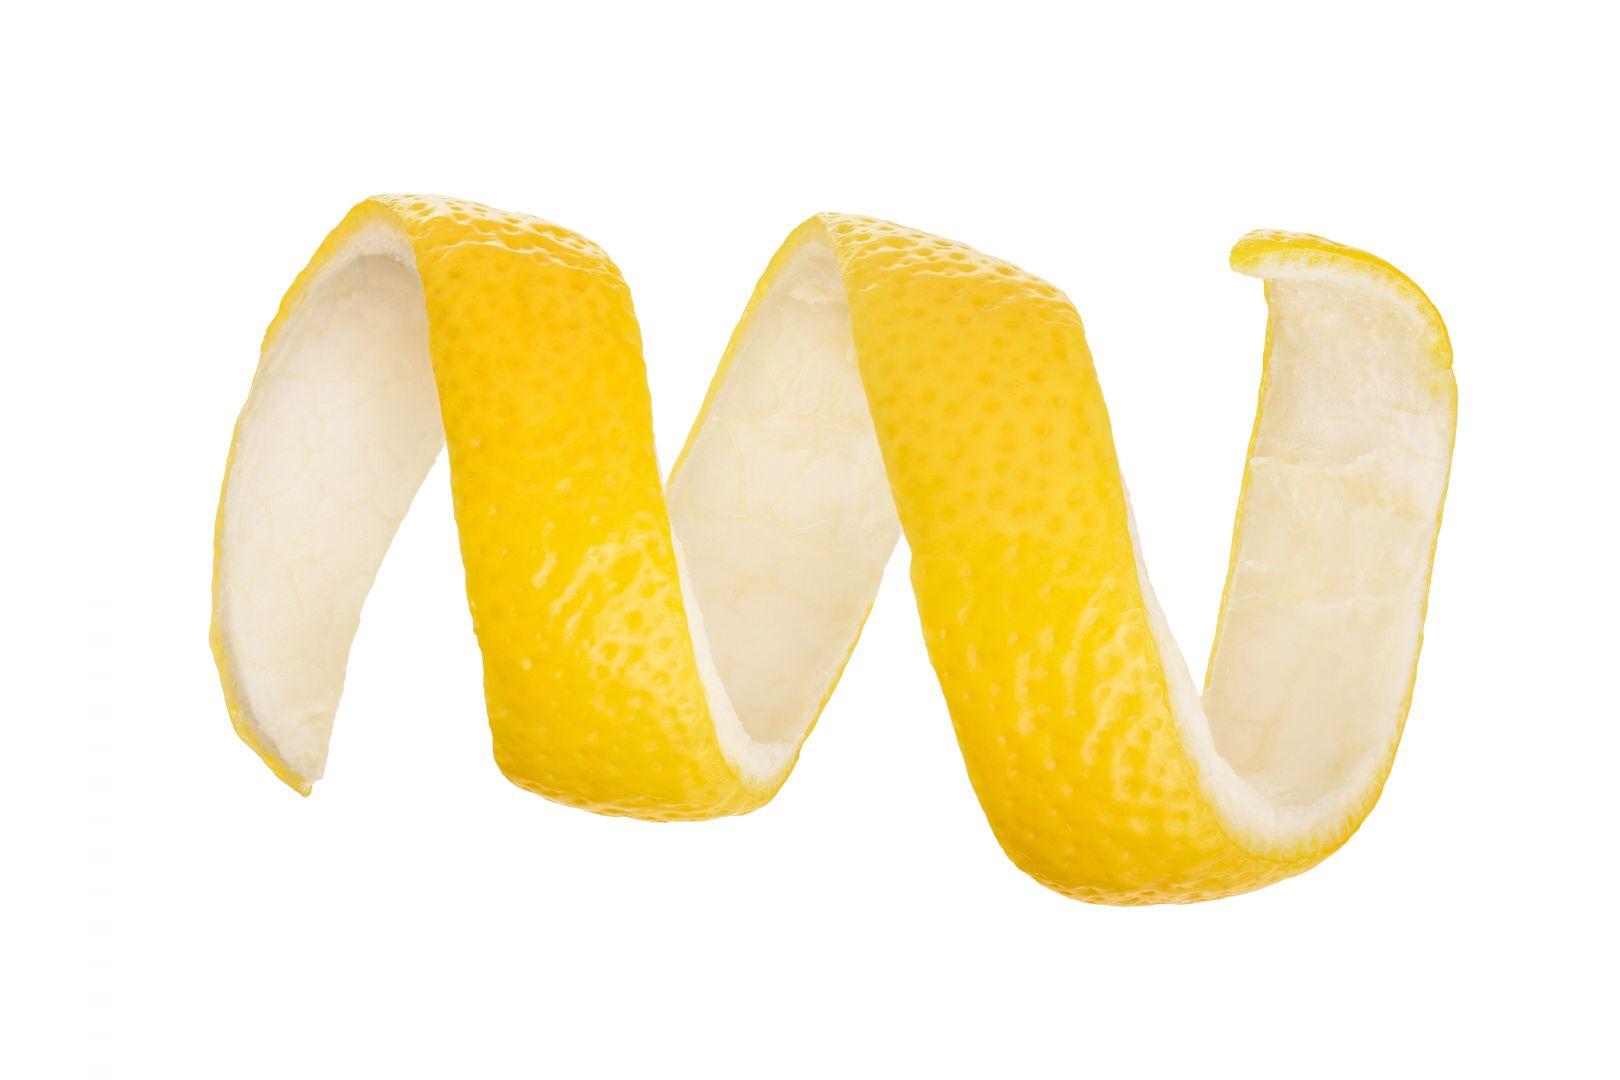 Retiramos la cáscara del limón